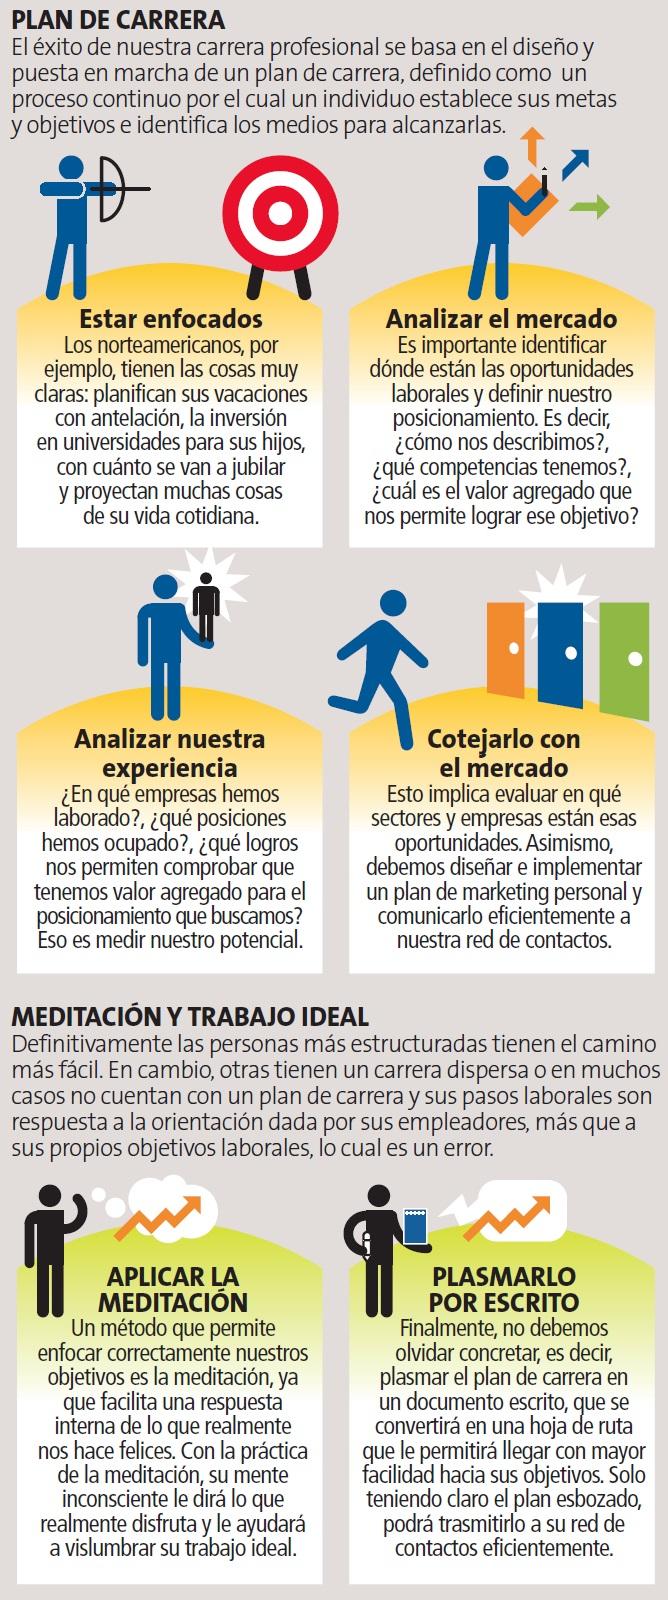 Estás enfocado en tu carrera profesional? | Economía | Peru21